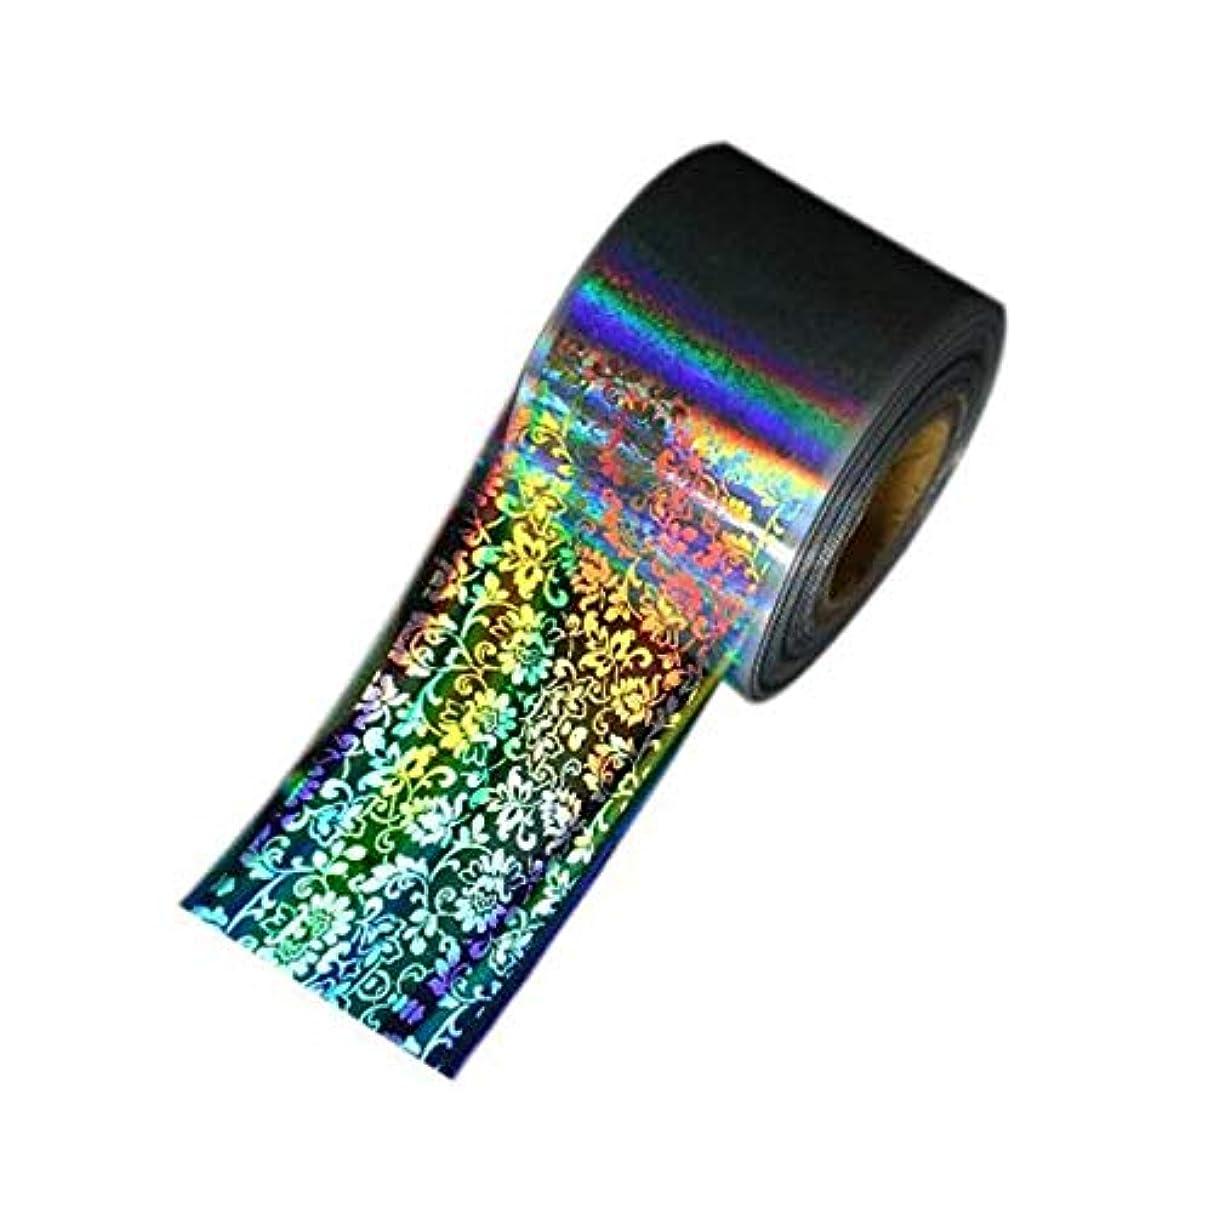 熟達感覚パイントSUKTI&XIAO ネイルステッカー 1ロール4Cm * 1Mネイルホイルレーザーホログラフィックブラックフラワーネイルフィルムフルカバーネイルステッカートランスファーフォイルデカールネイル、グレー